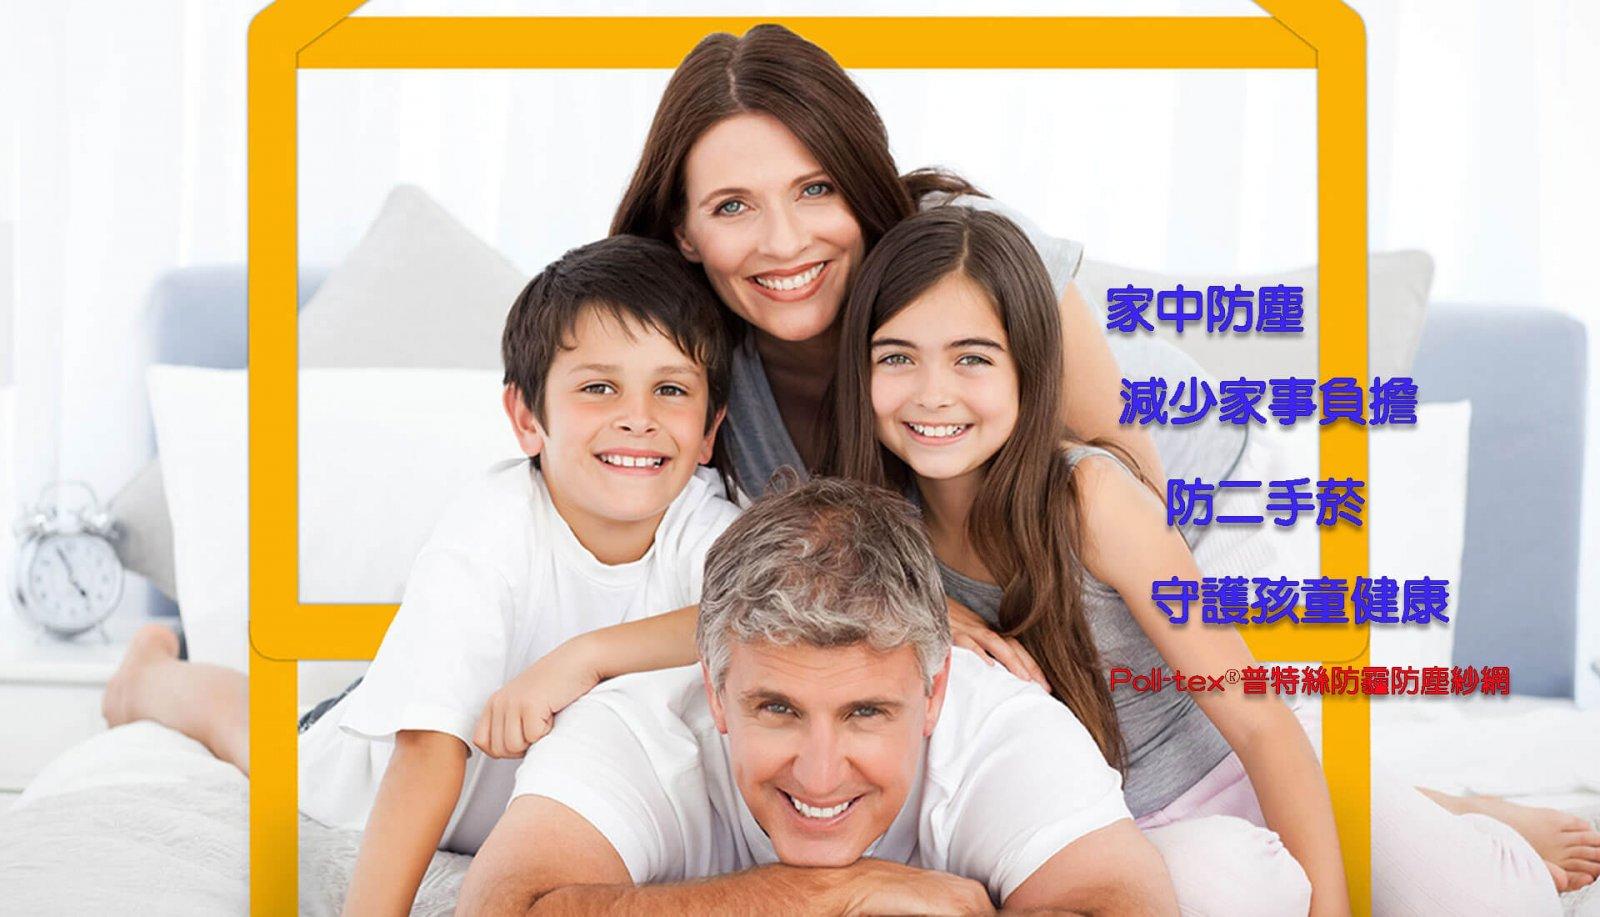 Poll-tex普特絲防霾透氣紗窗守護全家人的健康